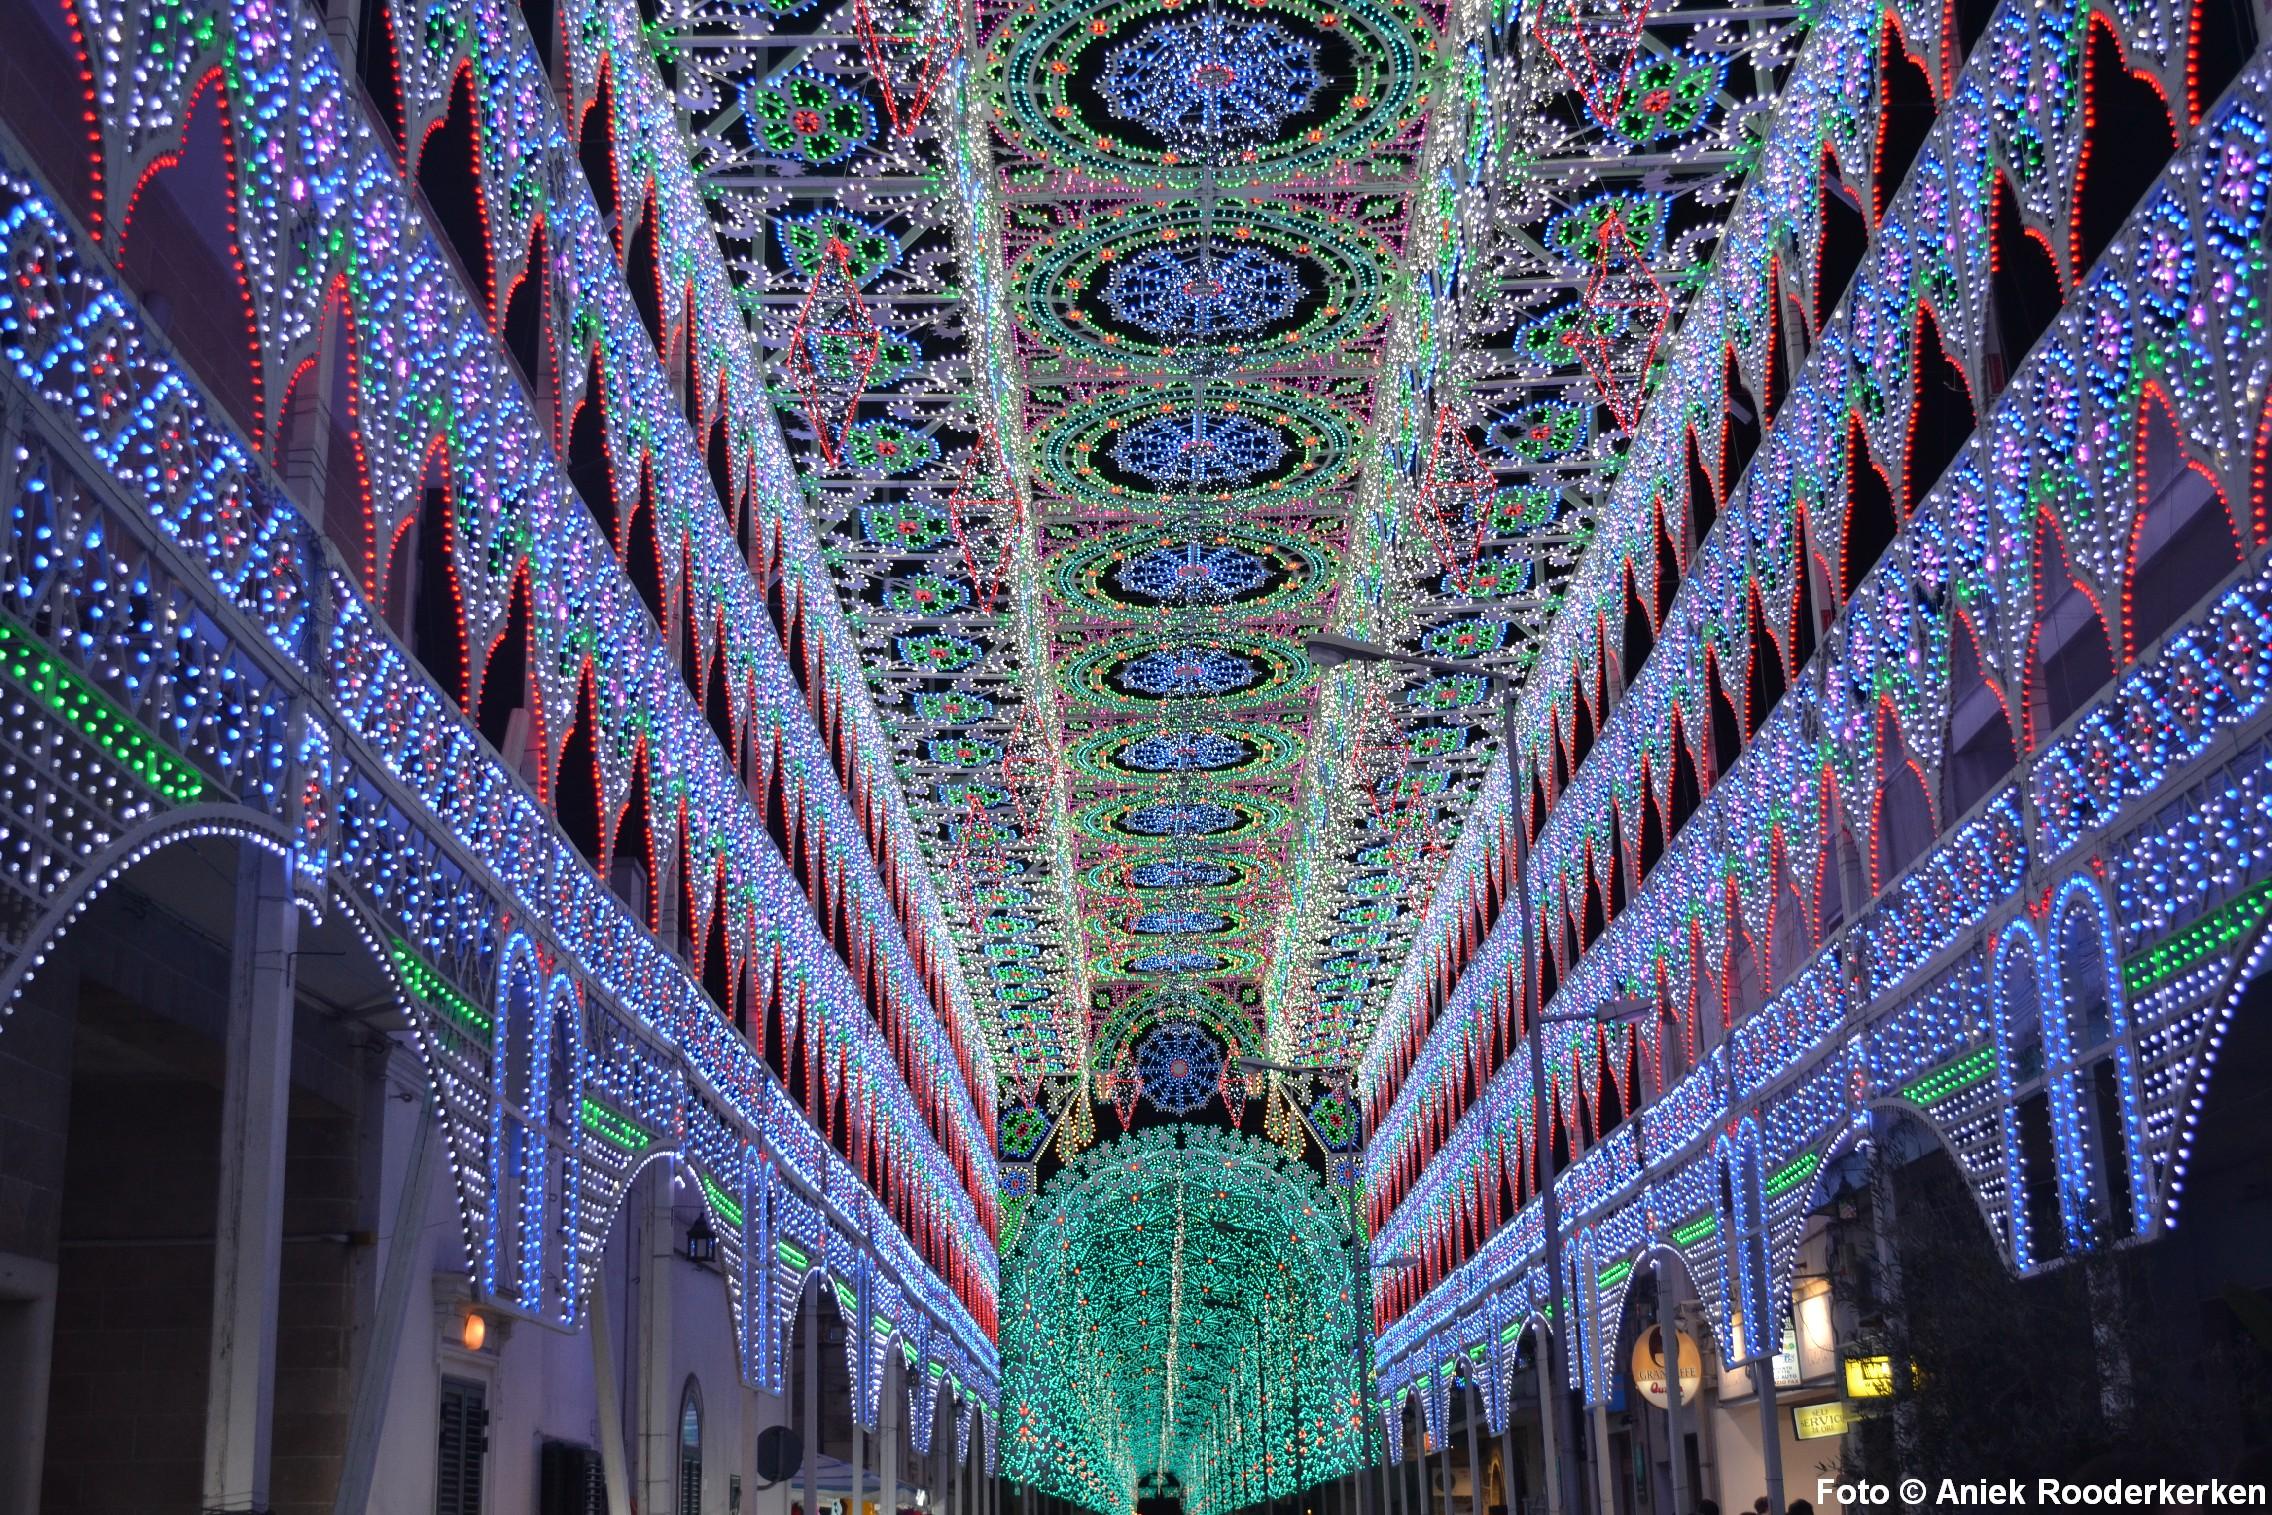 Scorrano lichtshow festival Scorrano lichtshow / lichtfestival, Puglia, Italie Uitgelicht